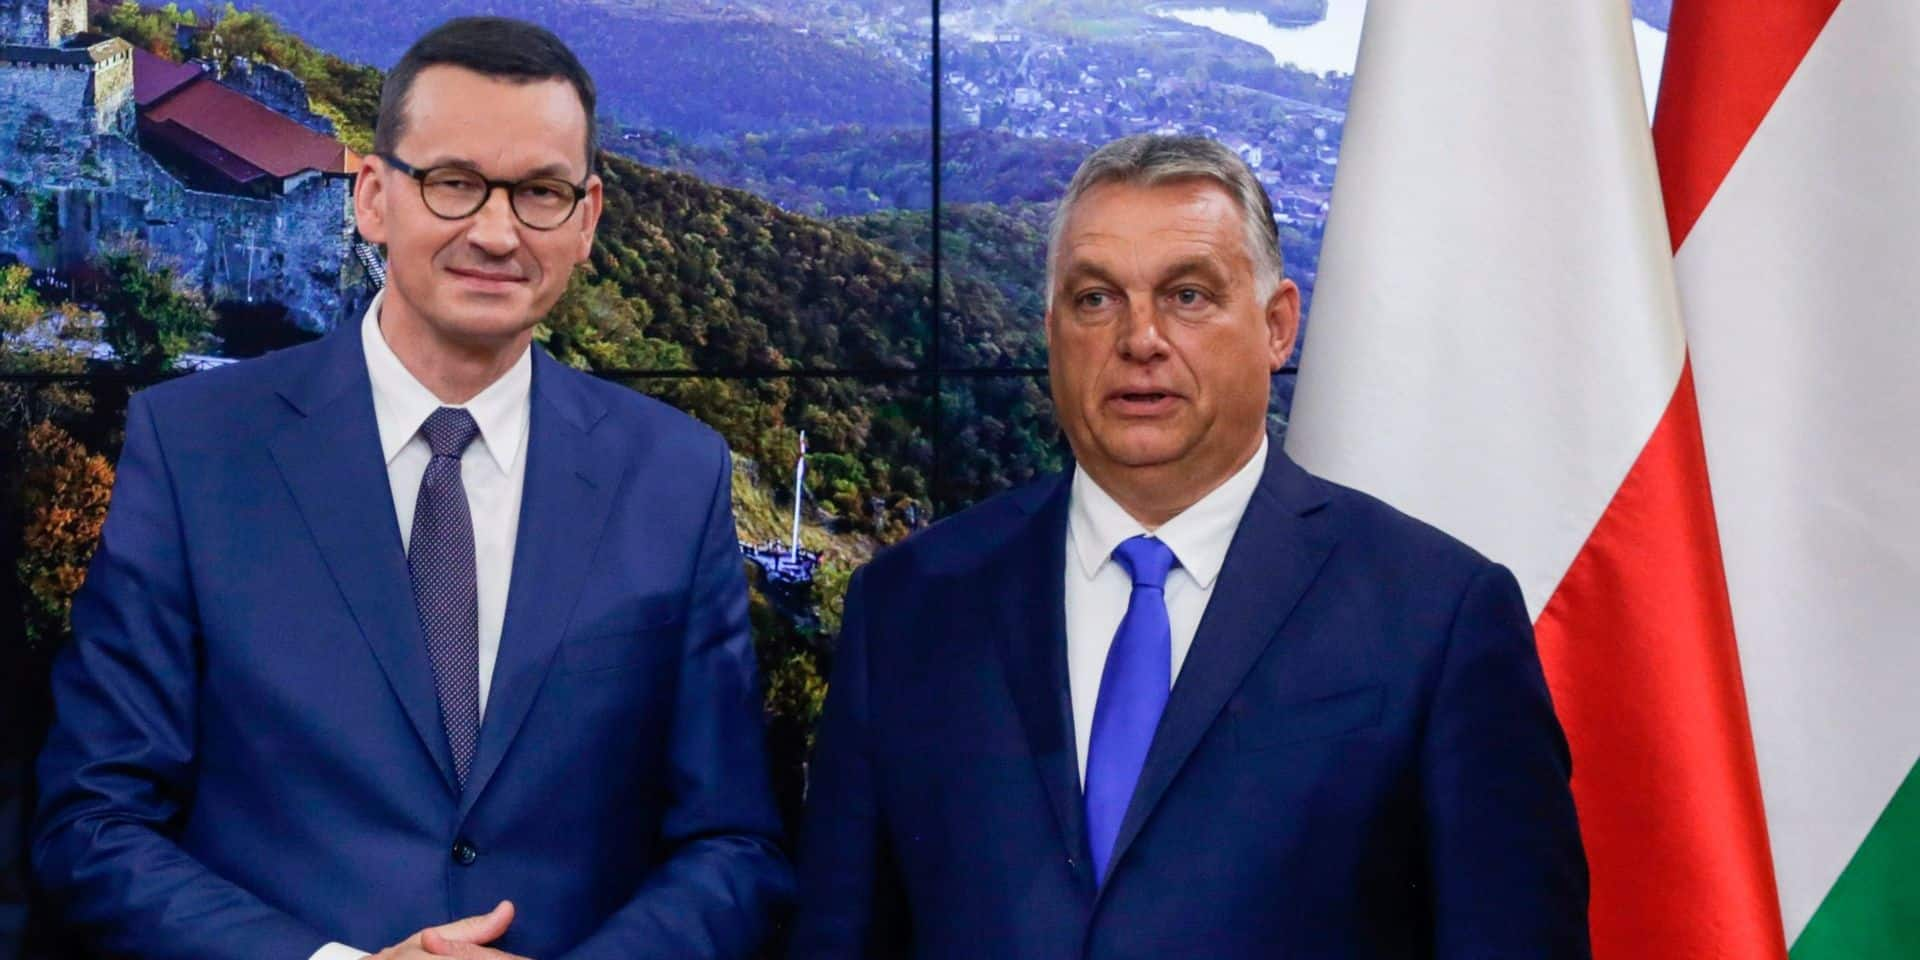 """Rapport sur l'état de droit: la Hongrie juge """"infondées"""" les critiques de la Commission"""